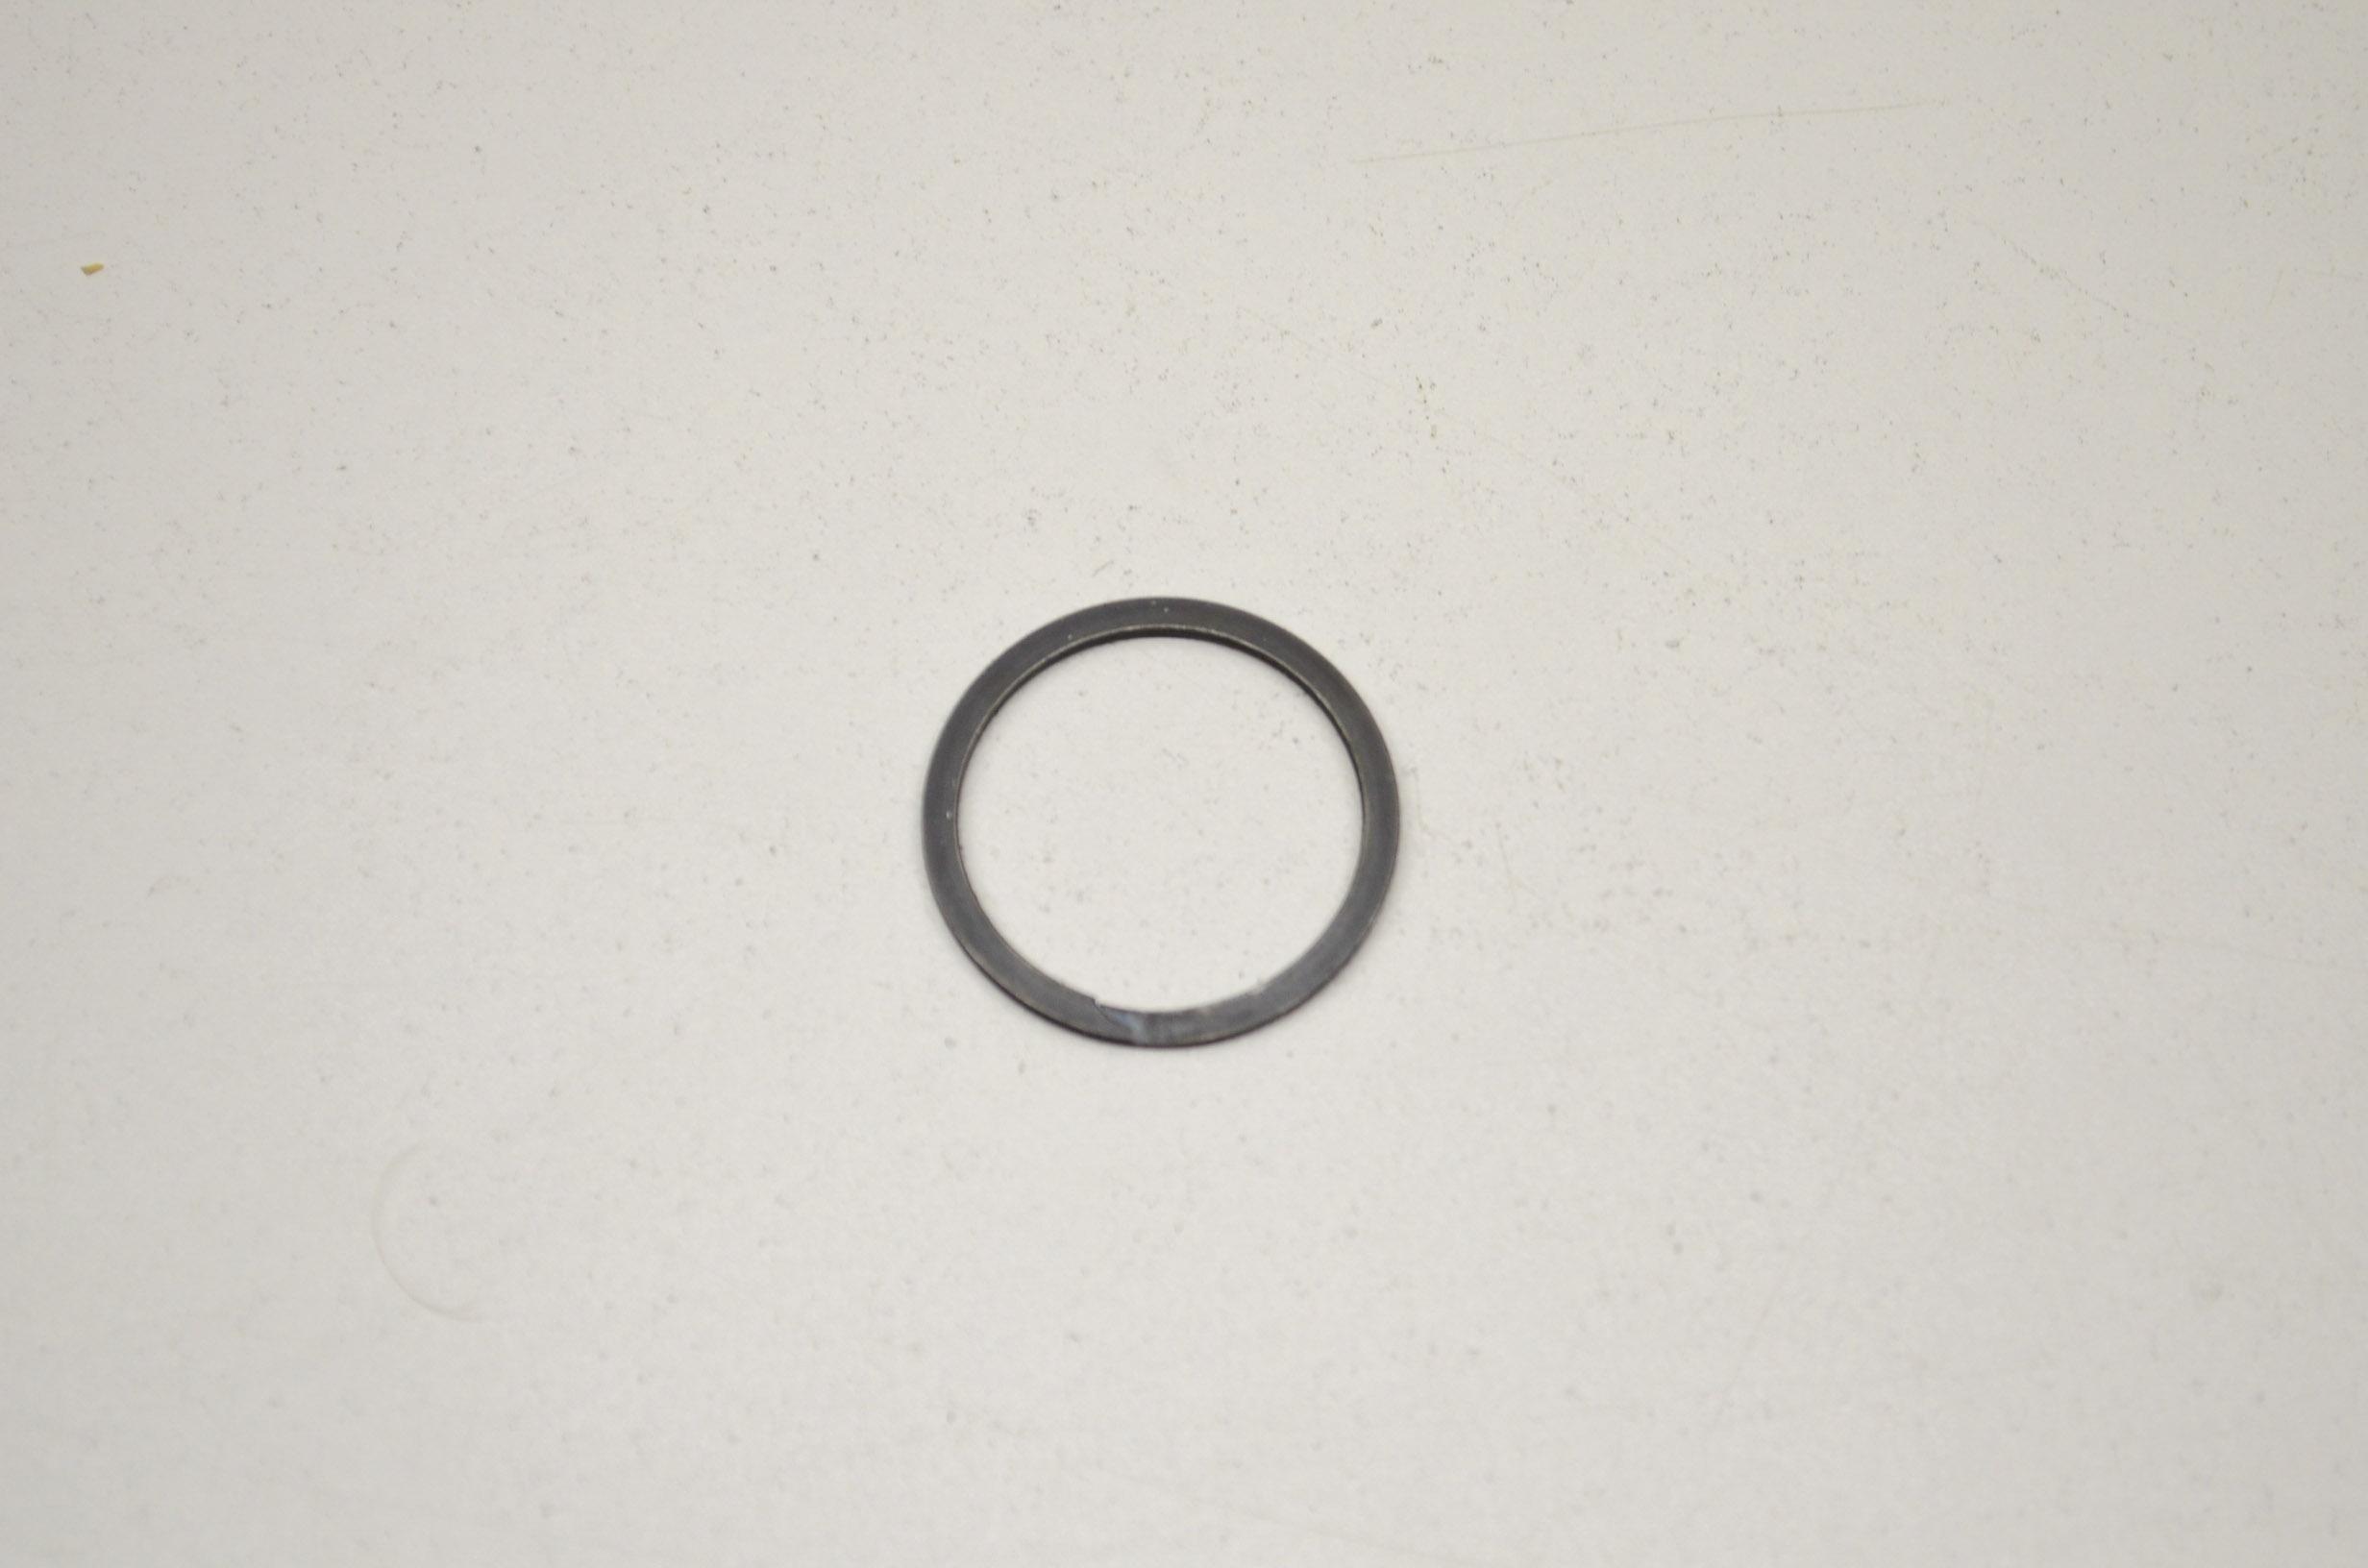 OEM Polaris 7713901 Retaining Ring NOS